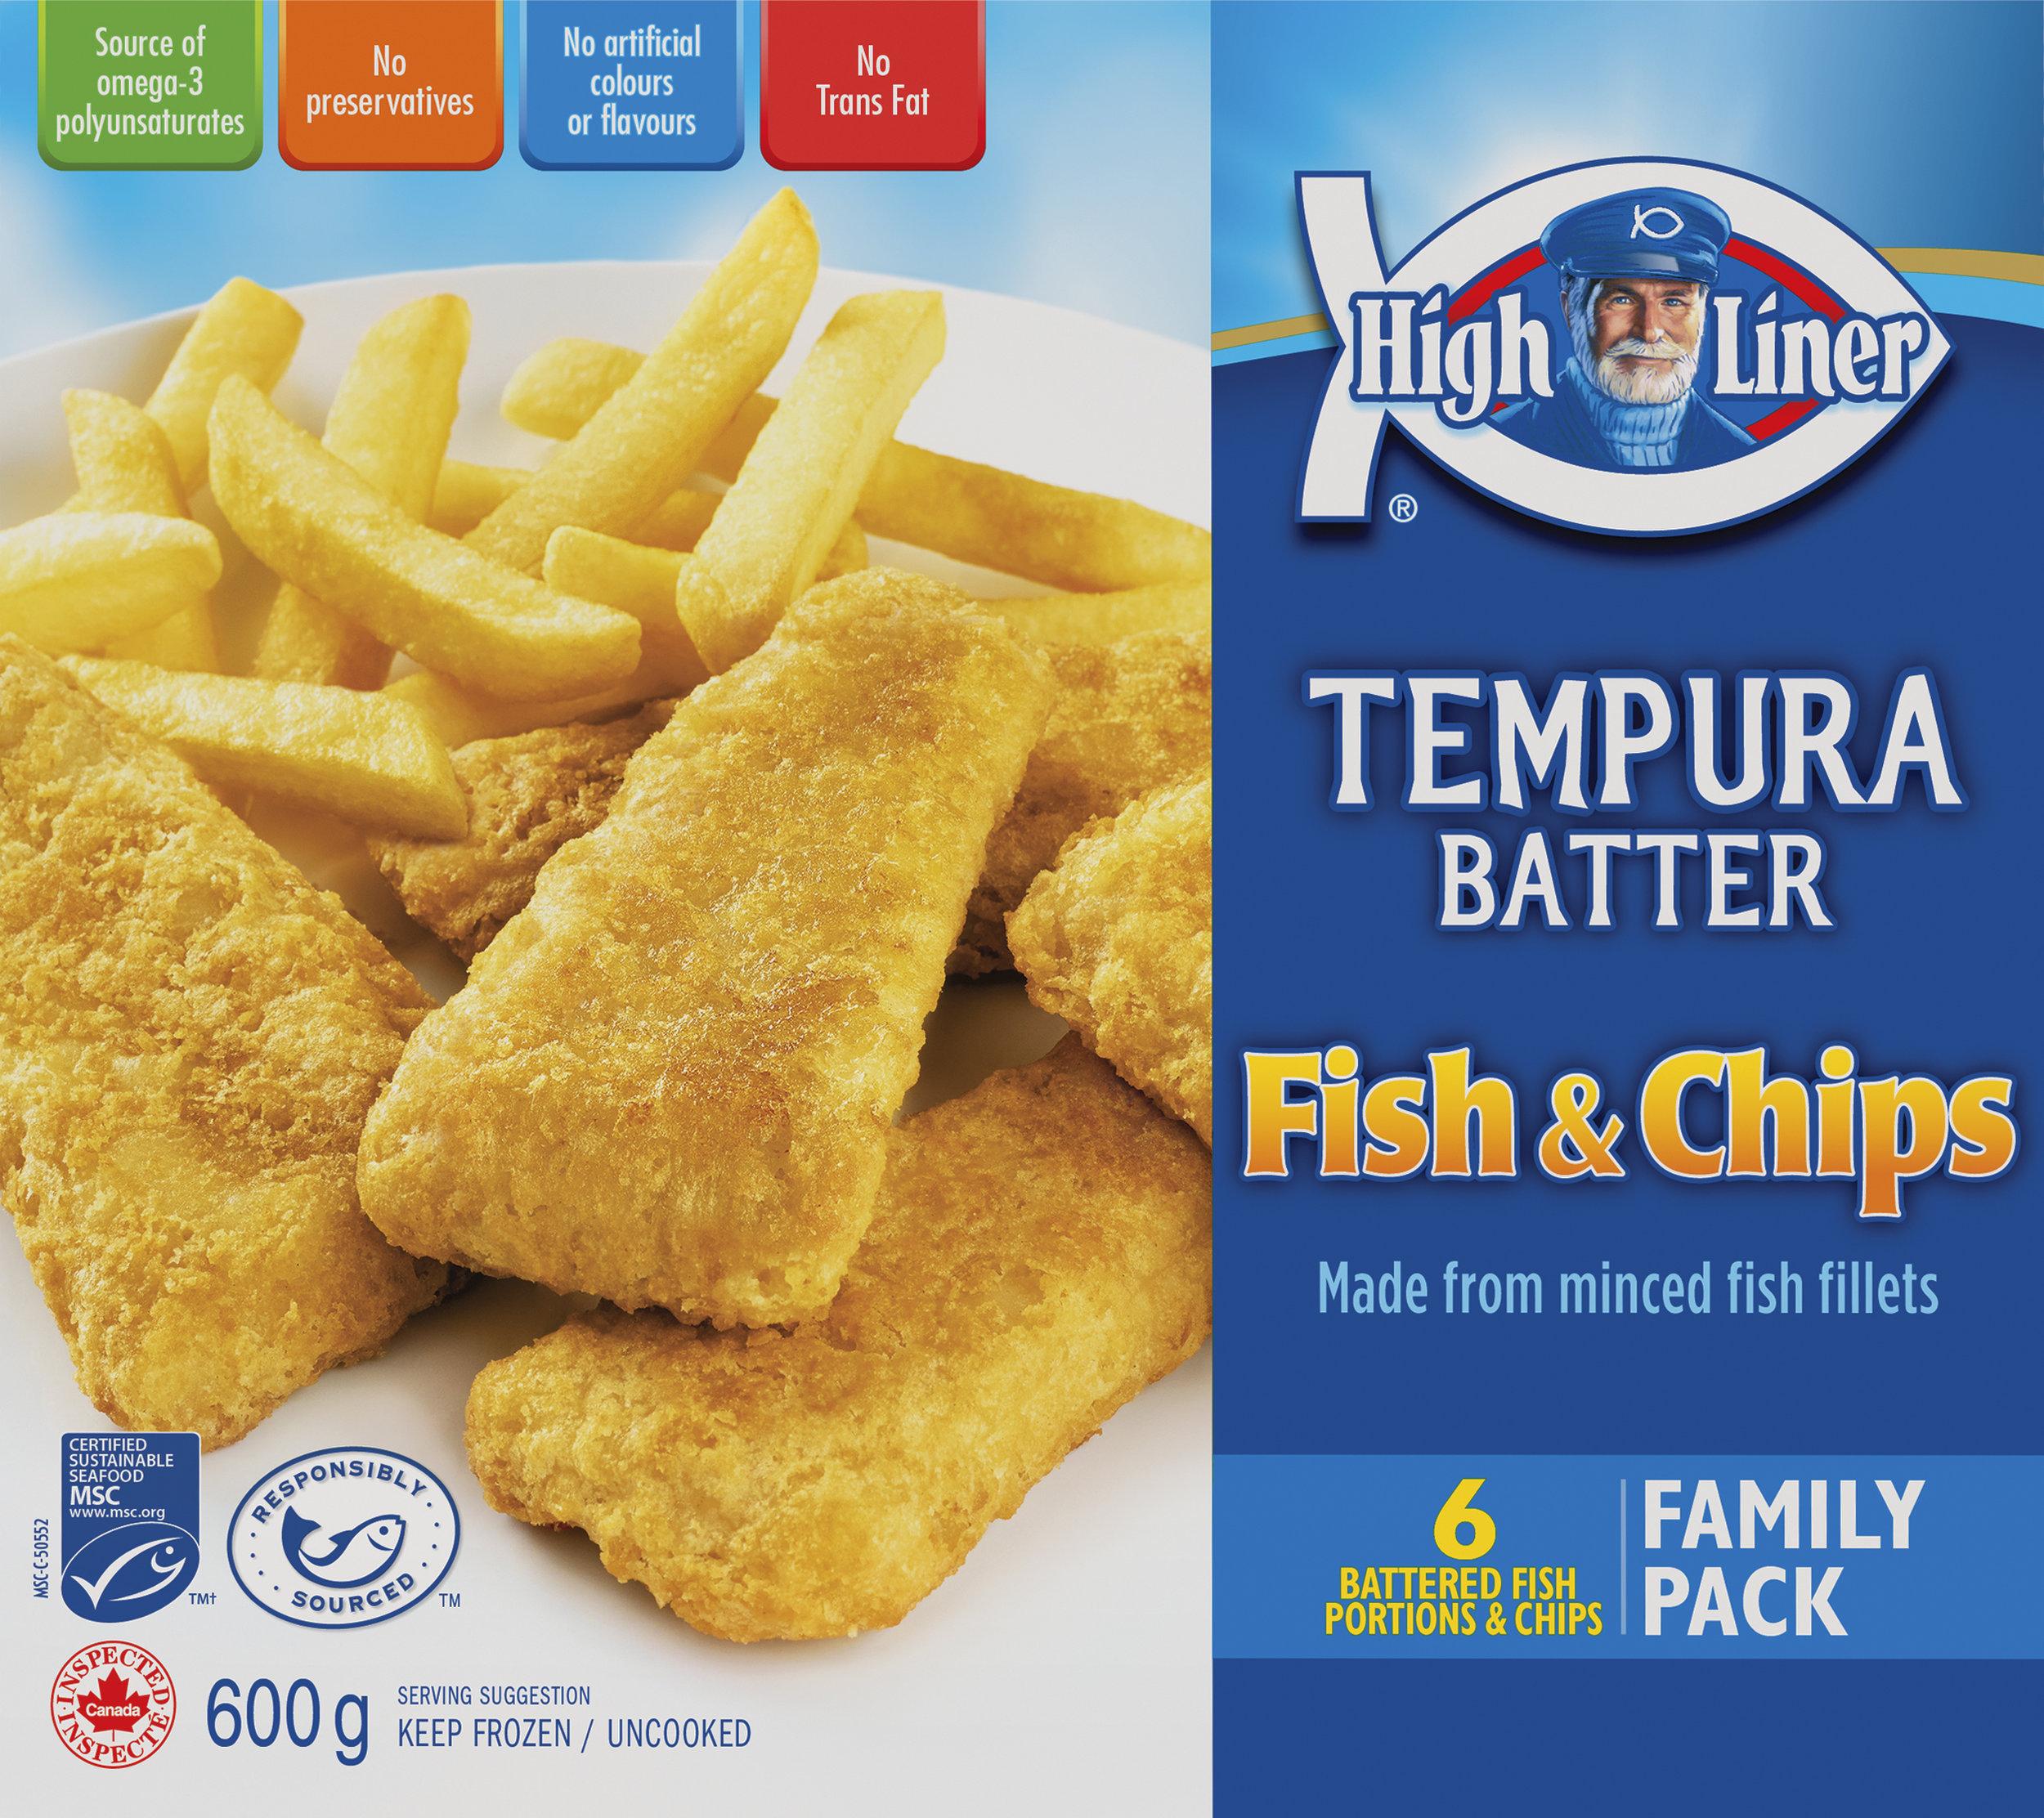 913143_FishChips_FF_front EN_CJI_WEB.jpg